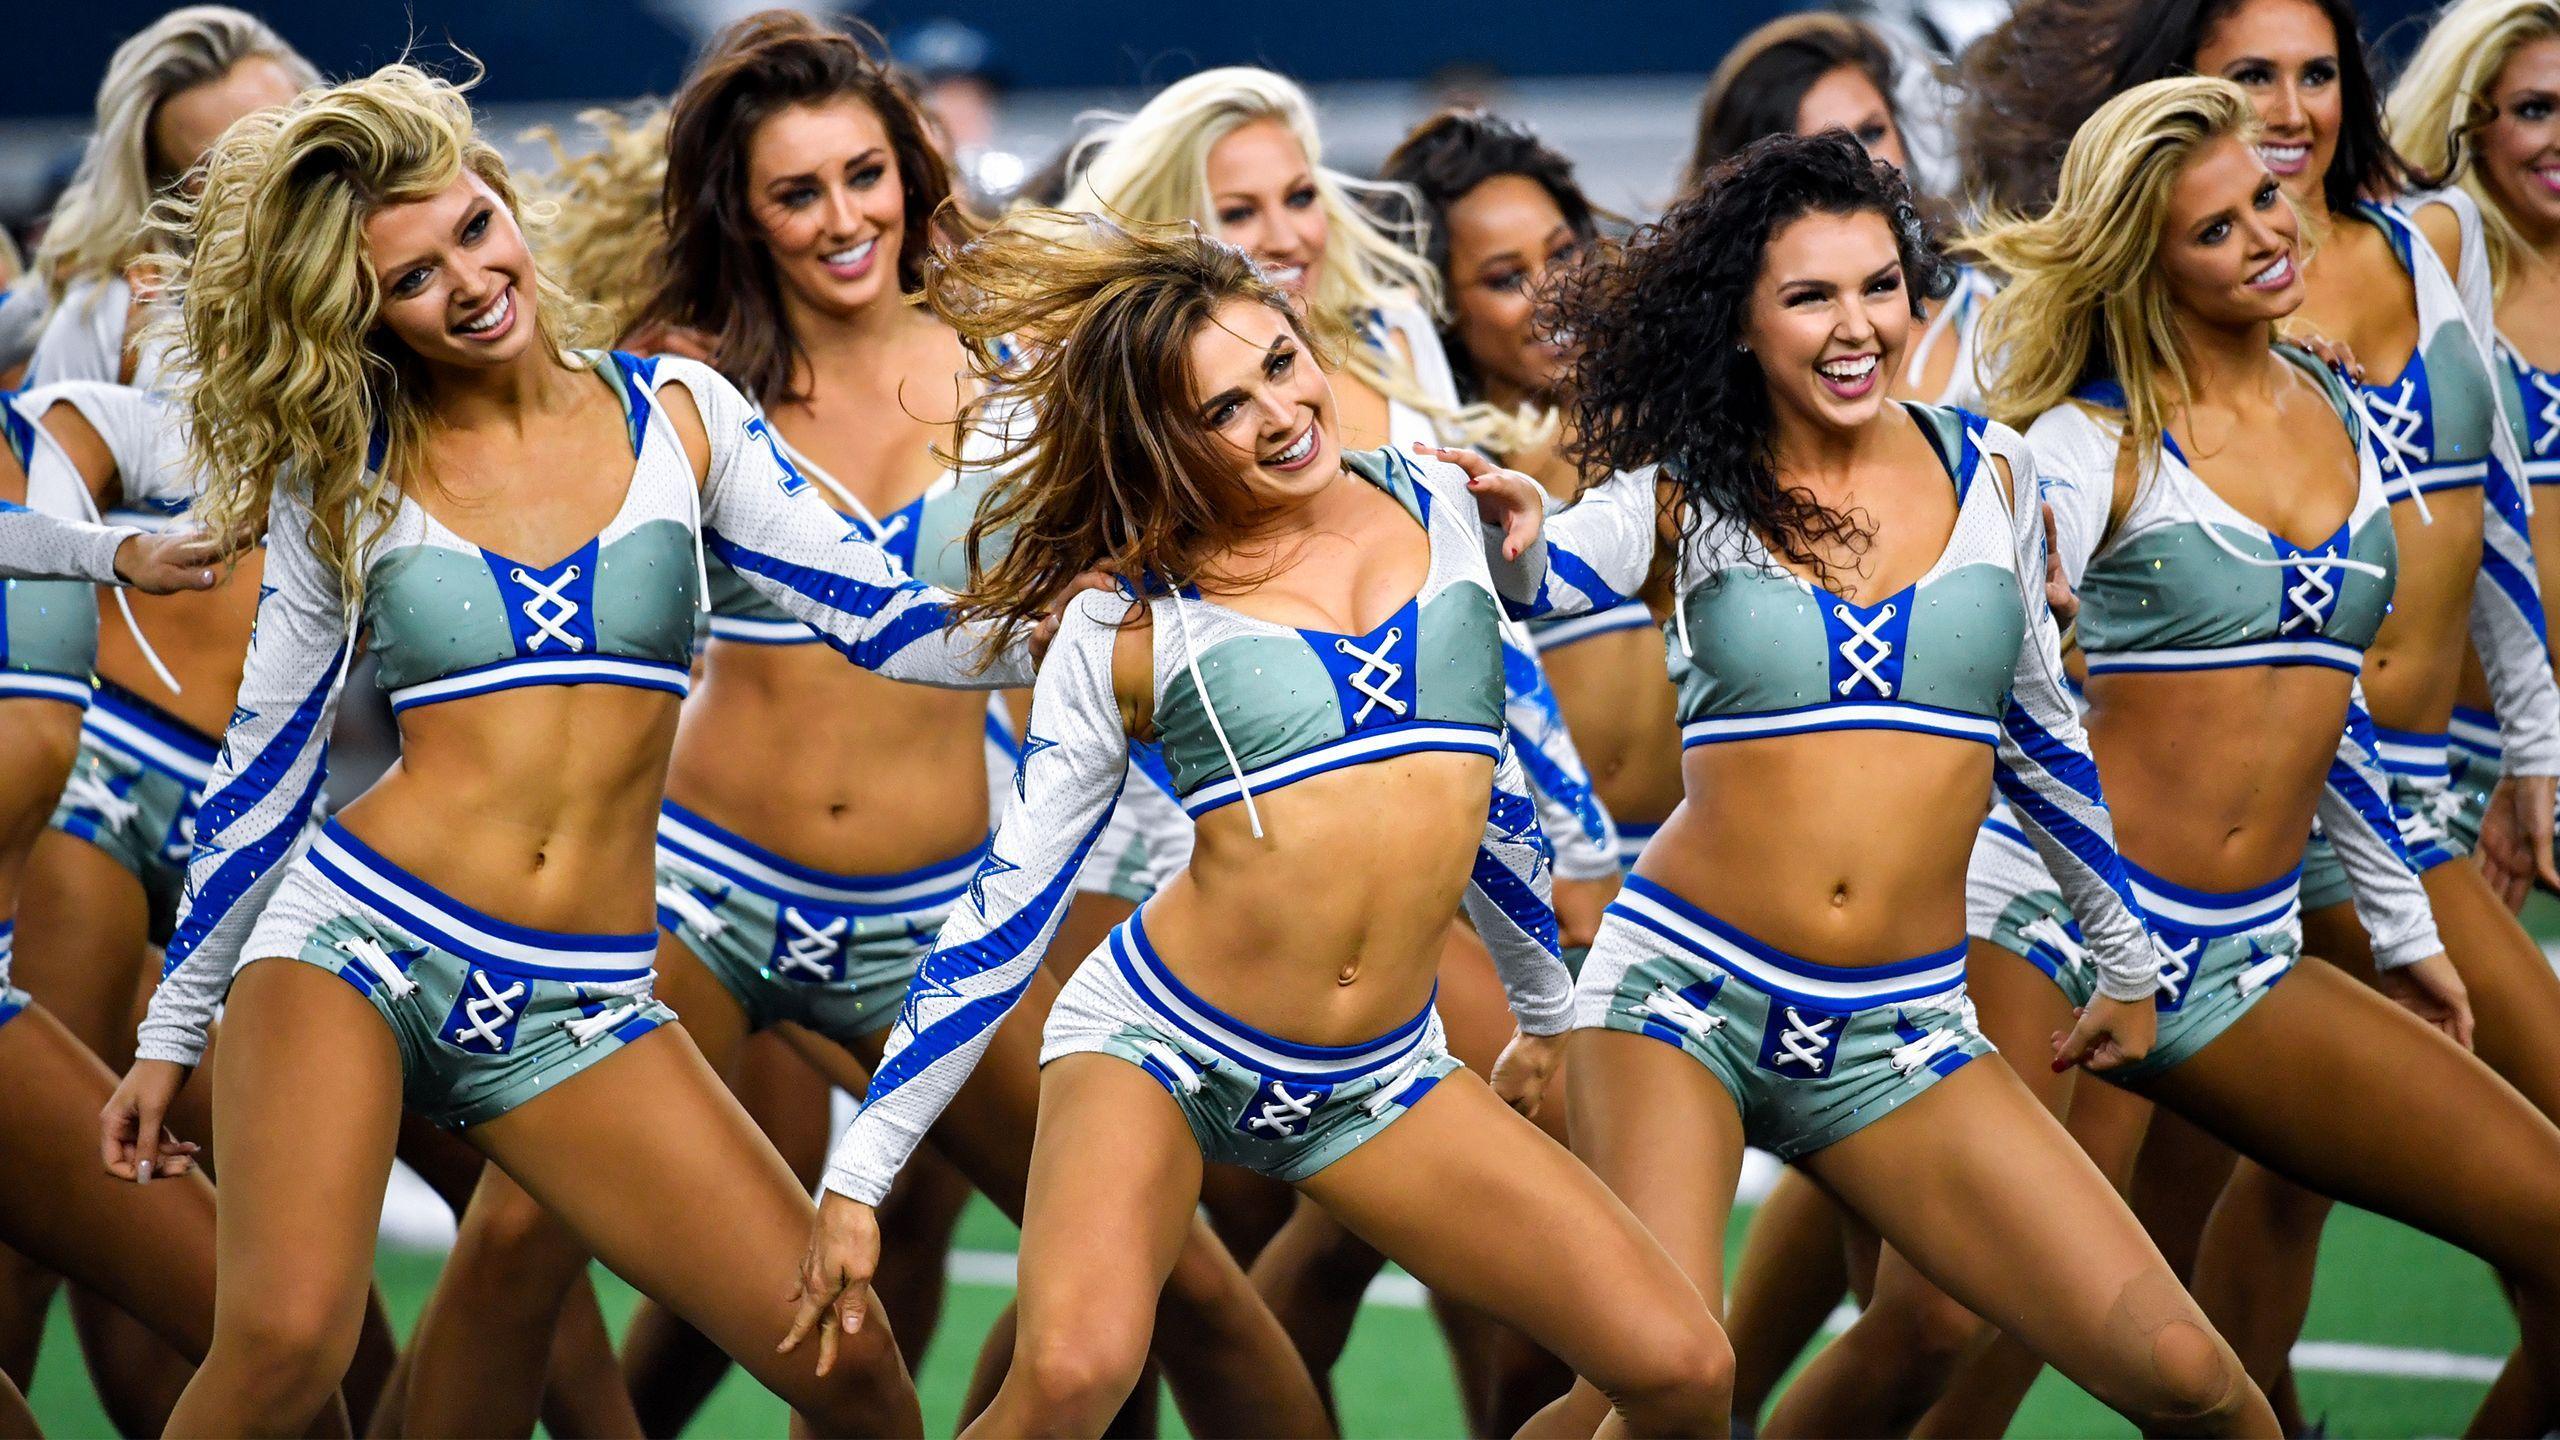 Pin On Dallas Cowboys Cheerleaders